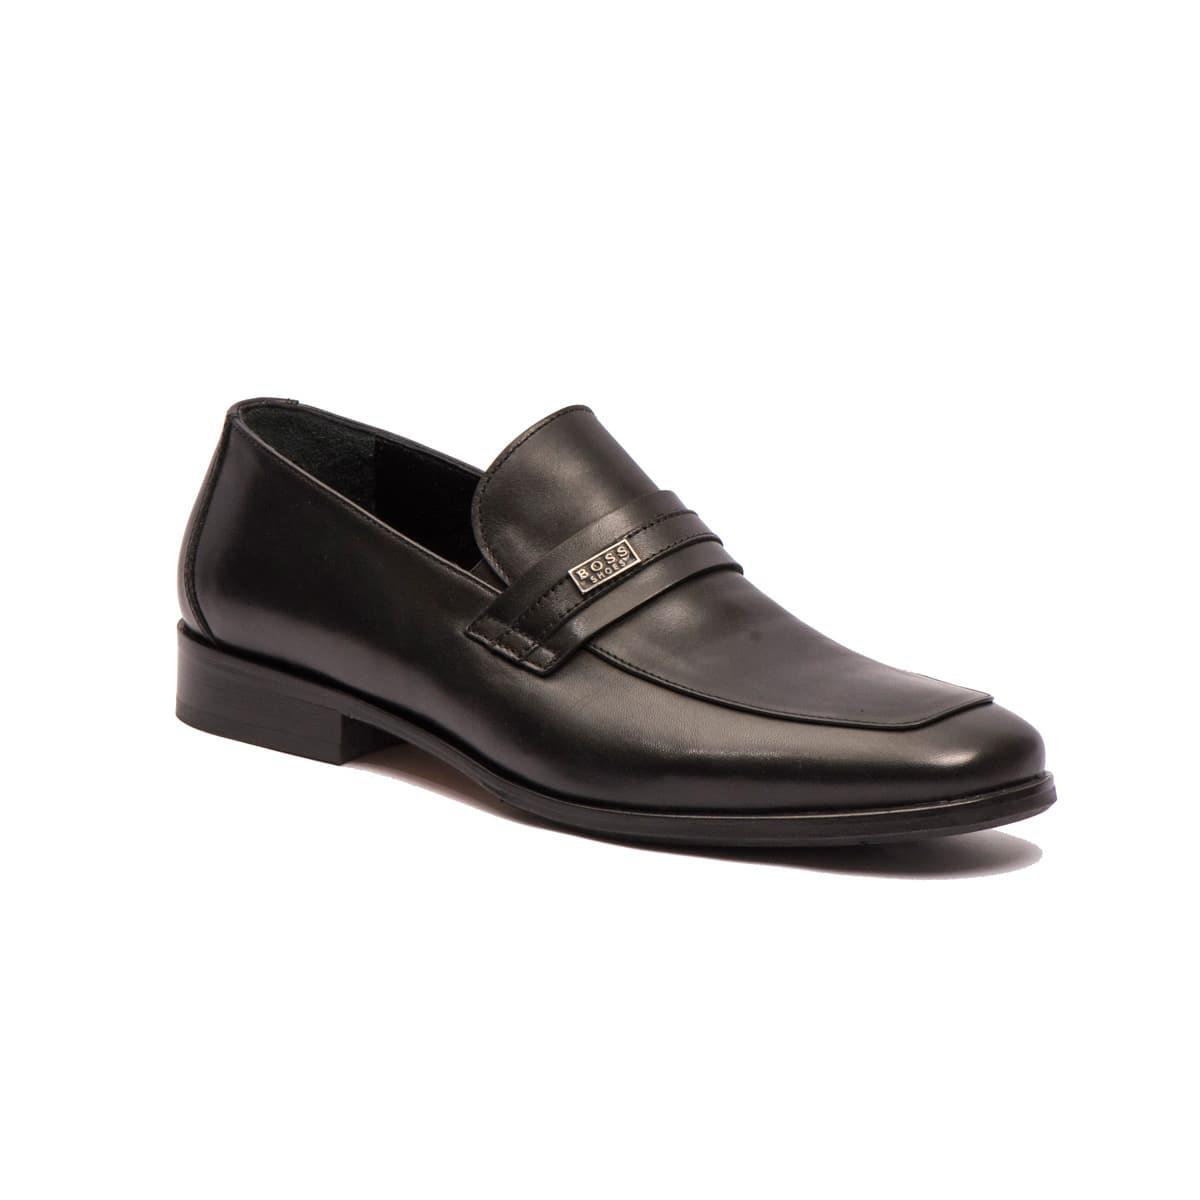 9d338e61034 BOSS SHOES ΔΕΤΑ ΠΑΠΟΥΤΣΙΑ E5241 | Exclusive Shoes - Παπούτσια